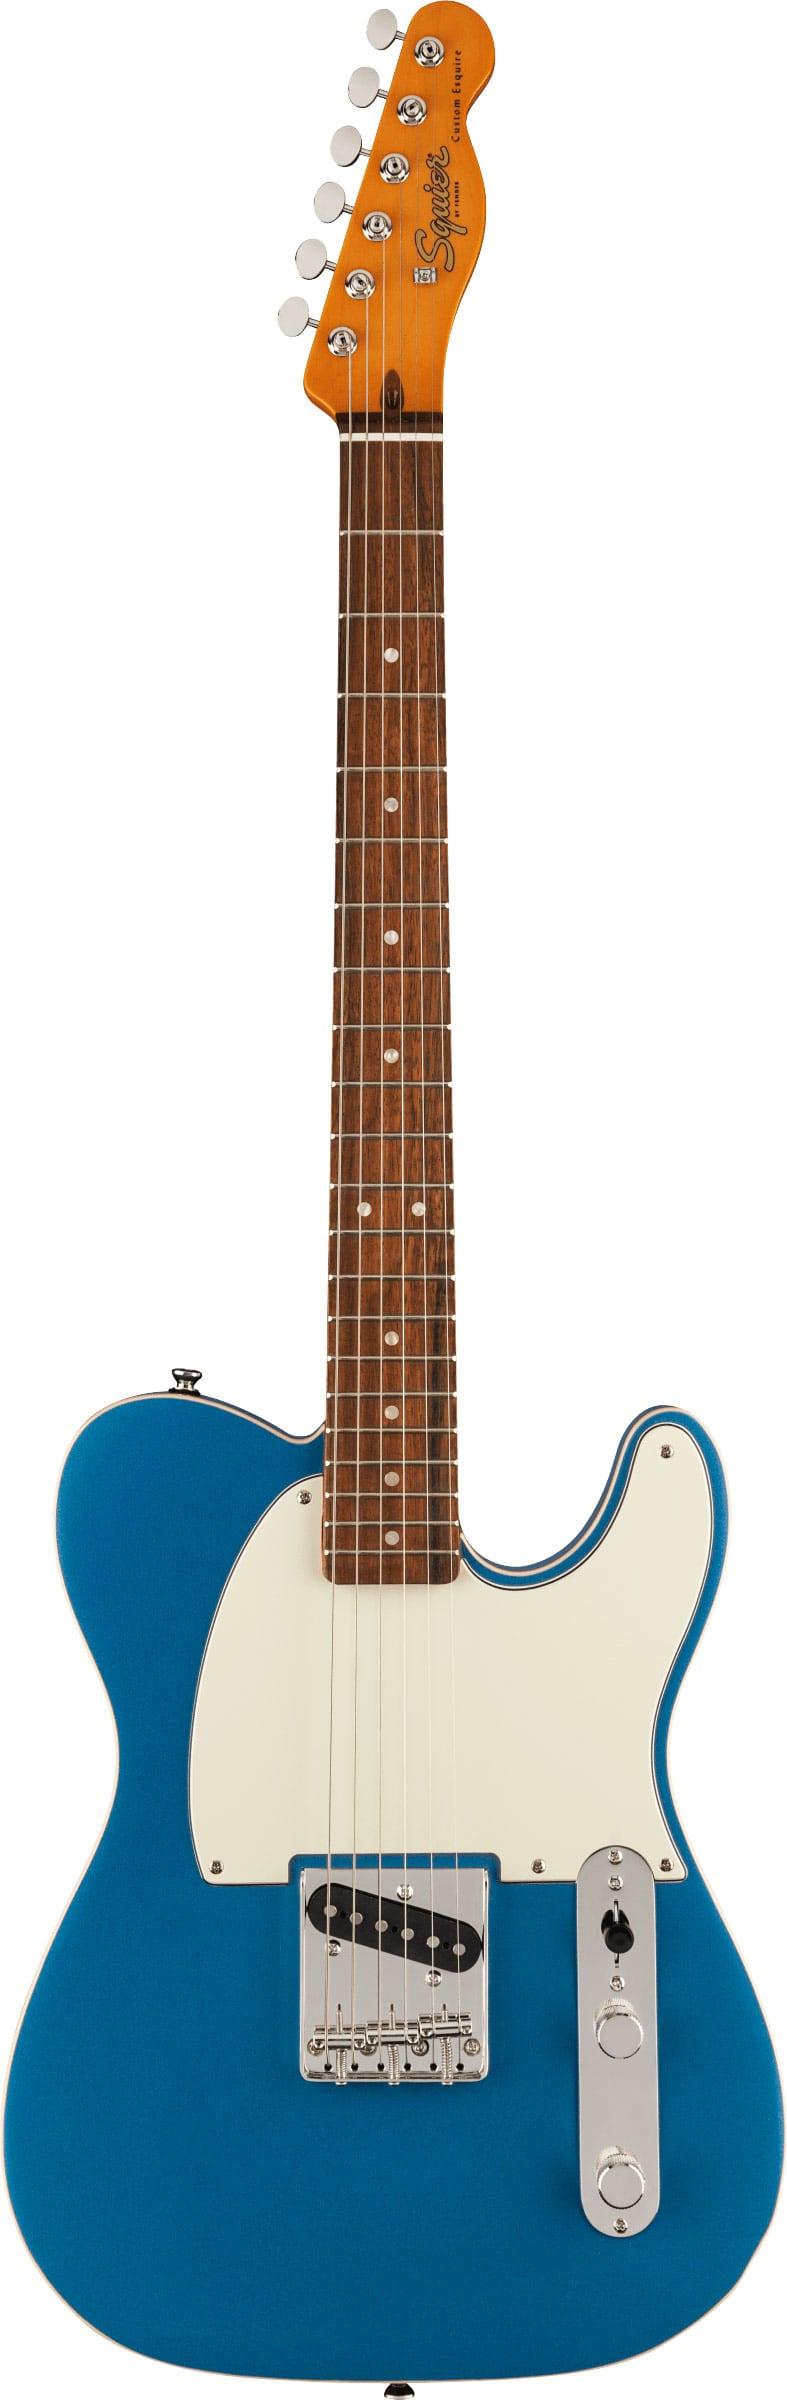 Fender Squier Esquire FSR 60s Classic Vibe Blue